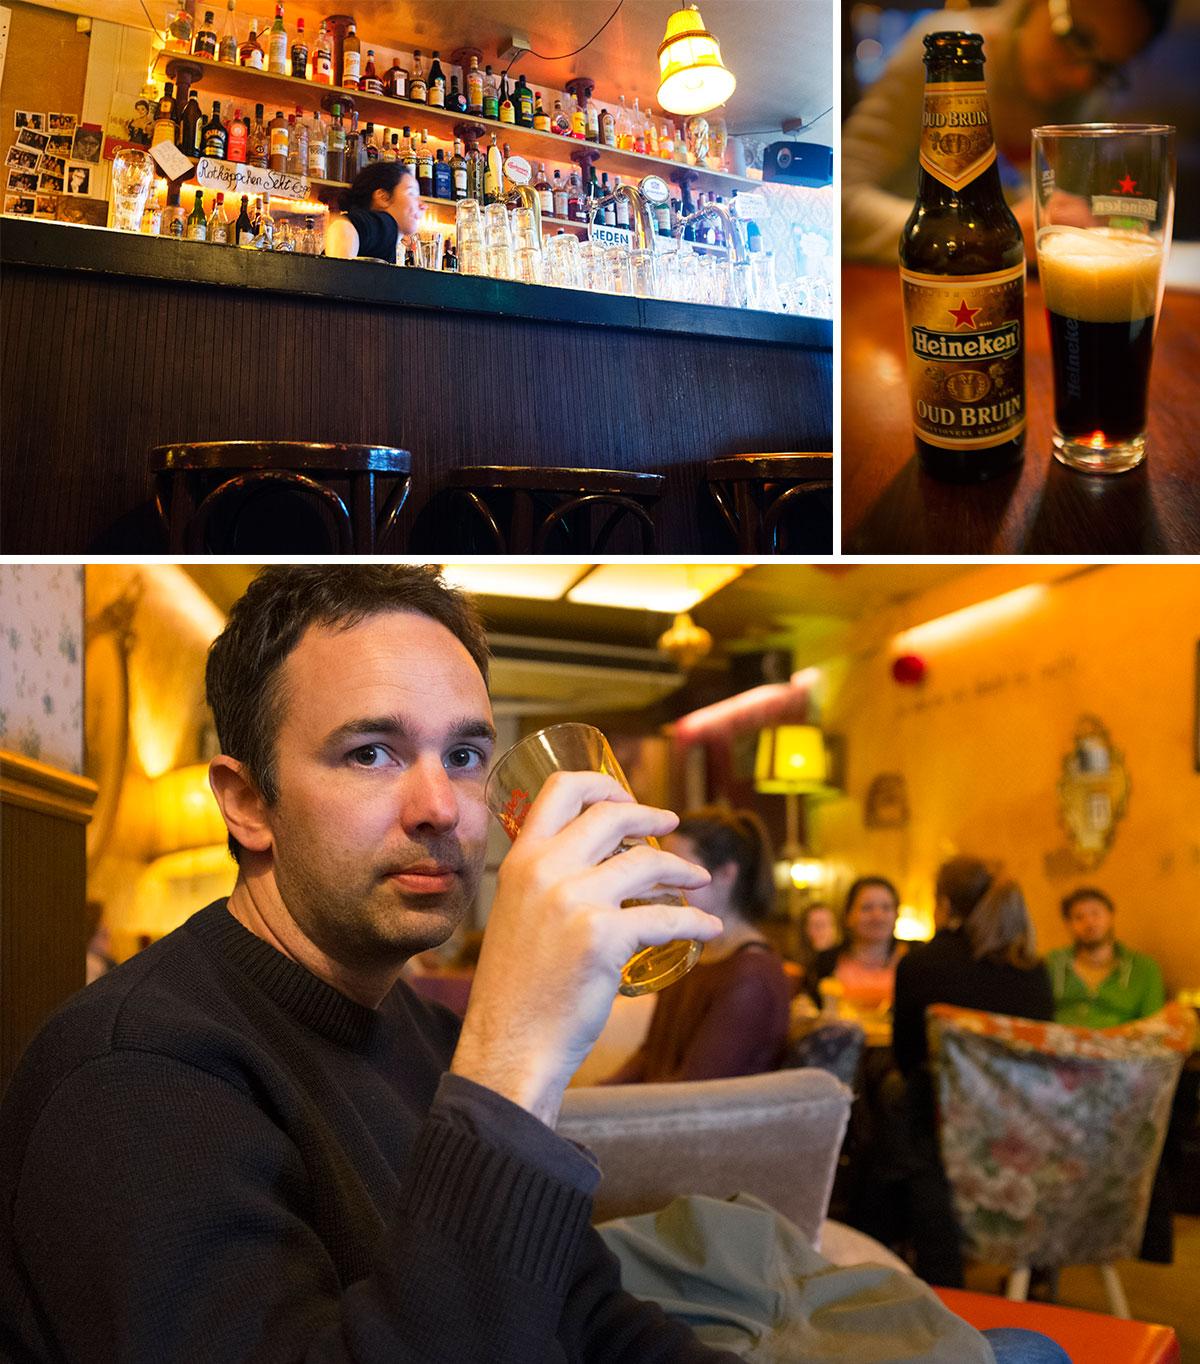 Les cafés bruns : l'art de boire une bière à Amsterdam